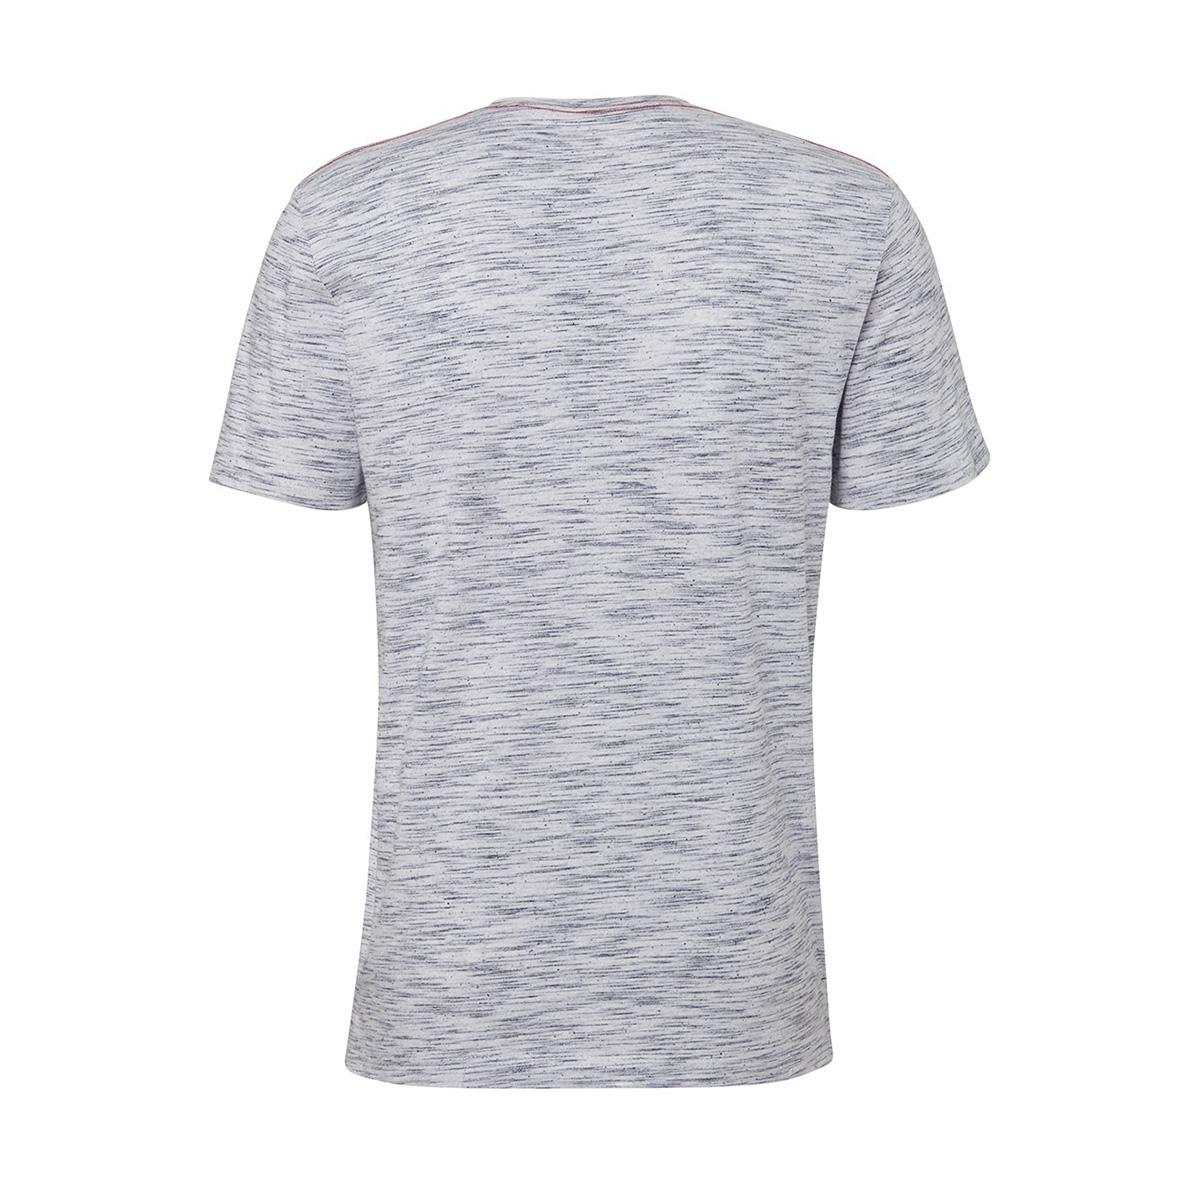 henley shirt met melange look 1011540xx10 tom tailor t-shirt 17960